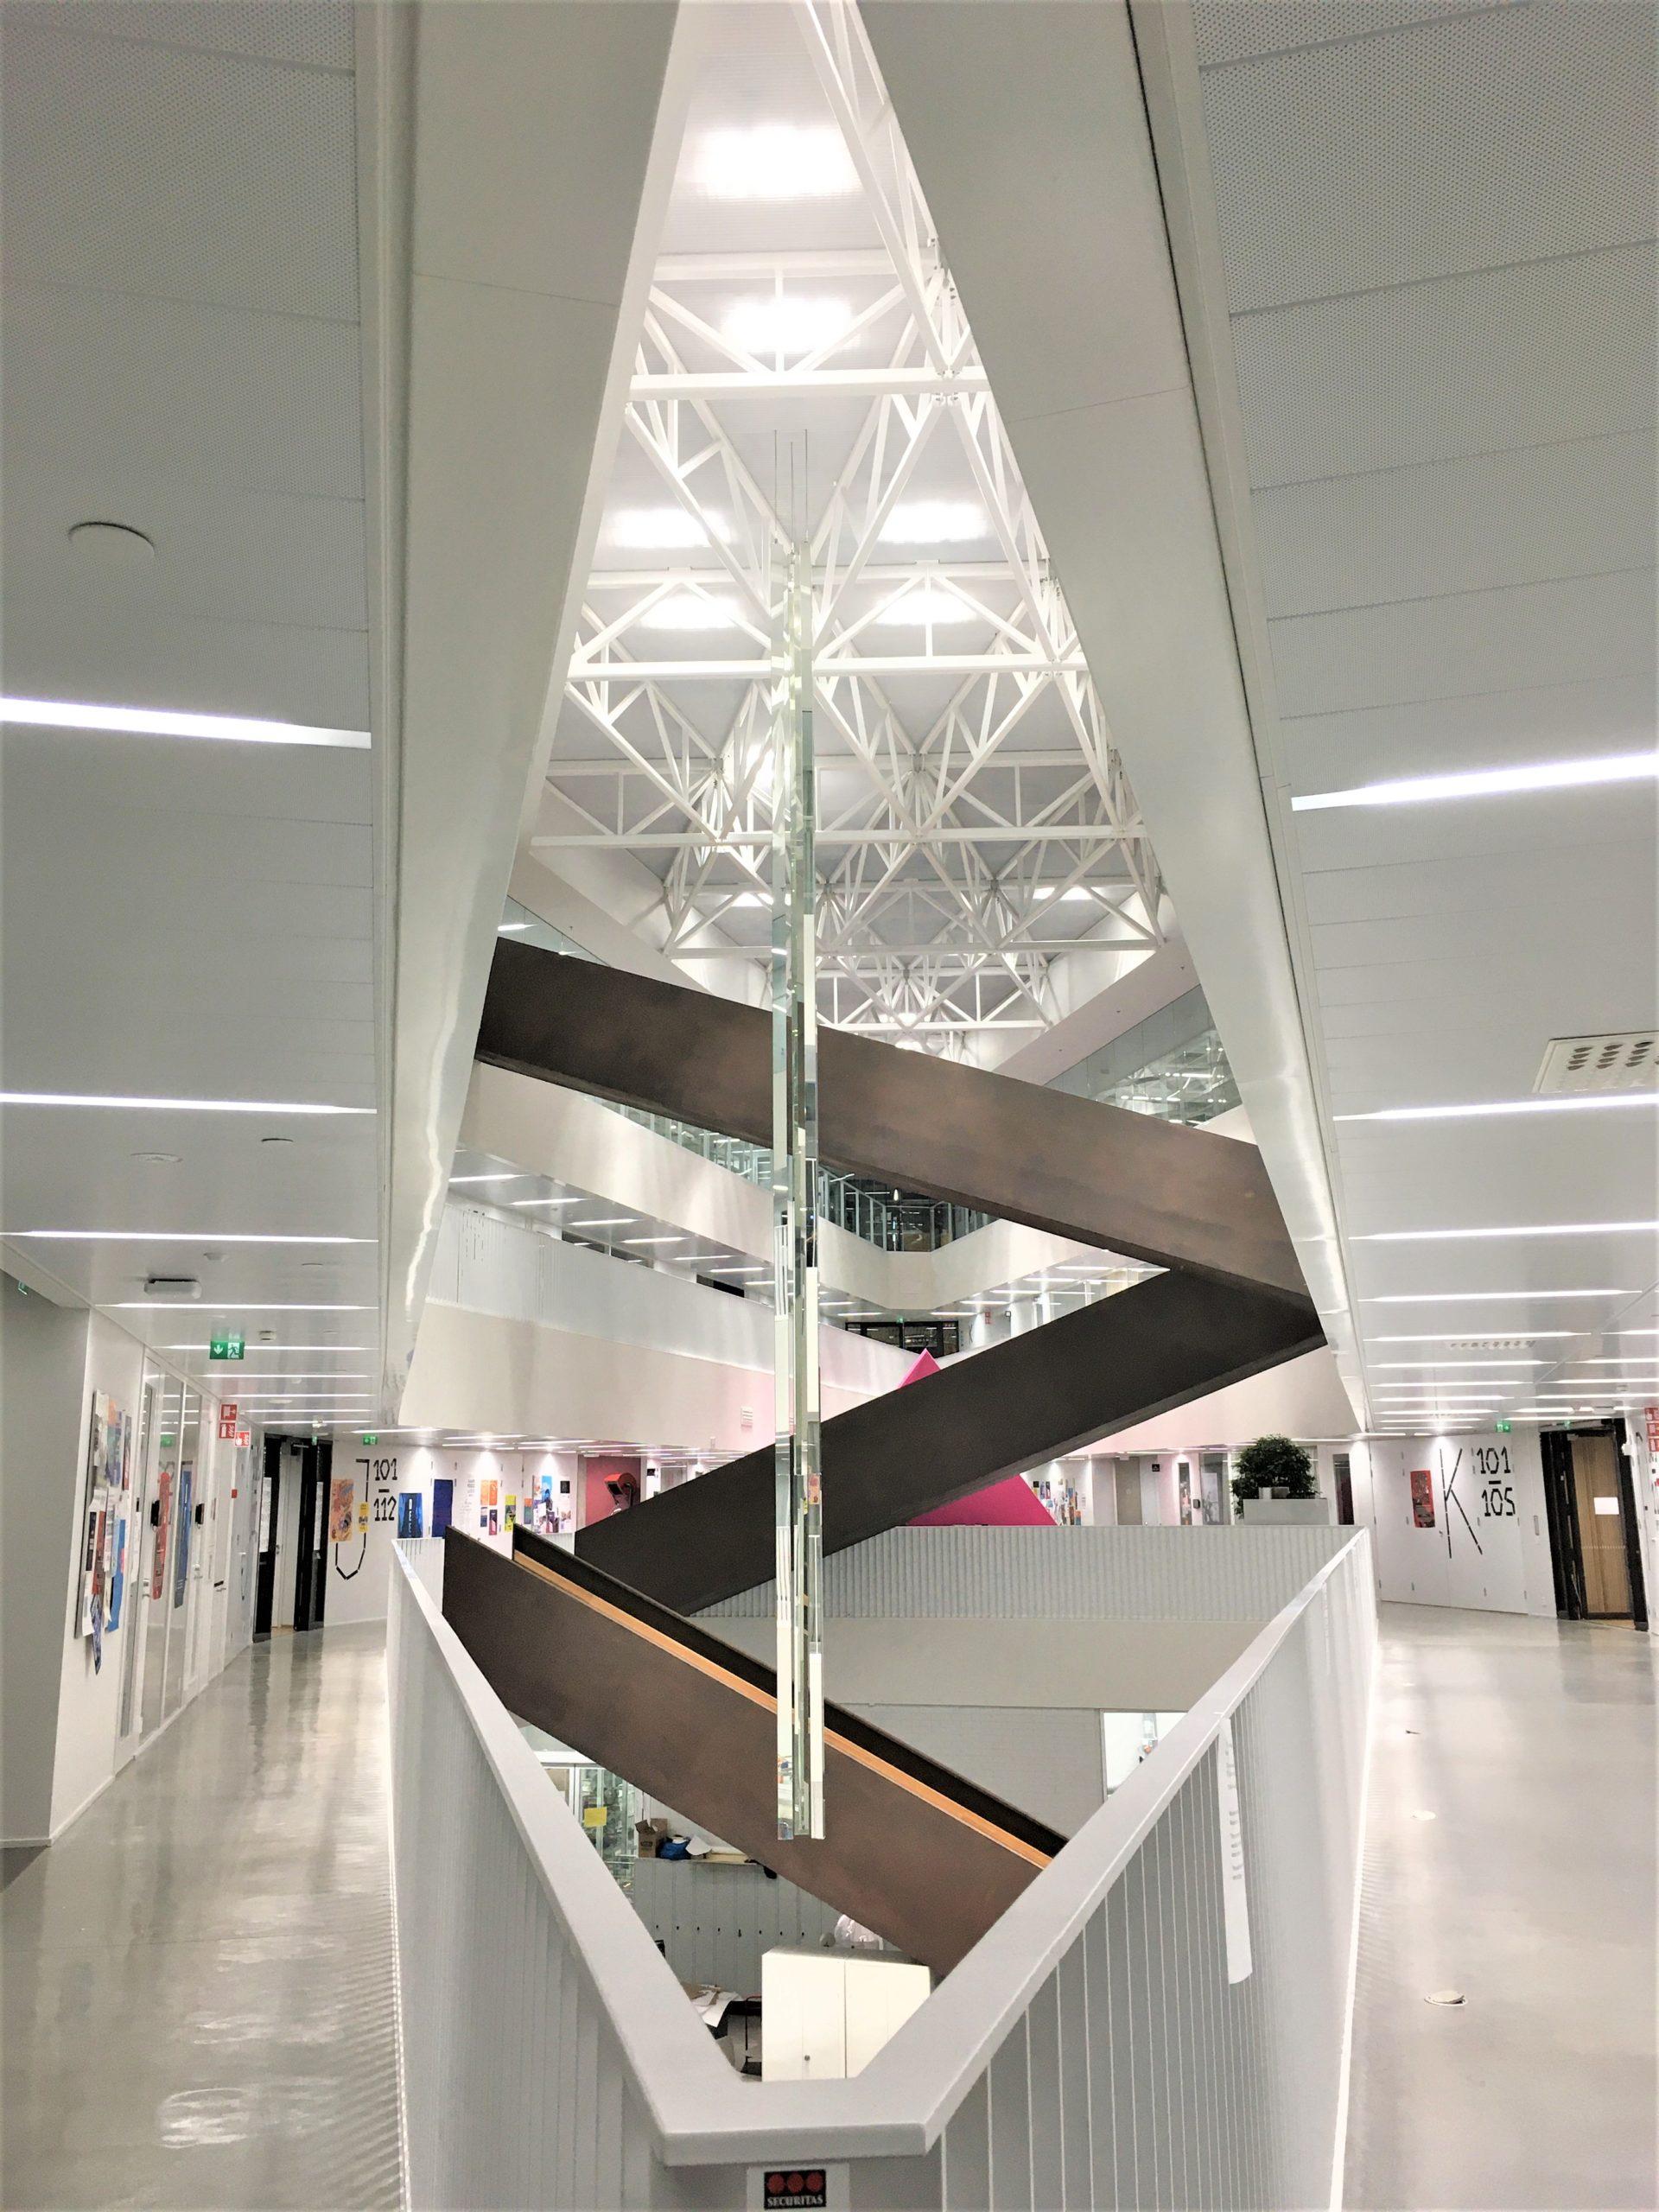 写真付き】デザイン性が高すぎるアールト大学を覗いてみよう ...